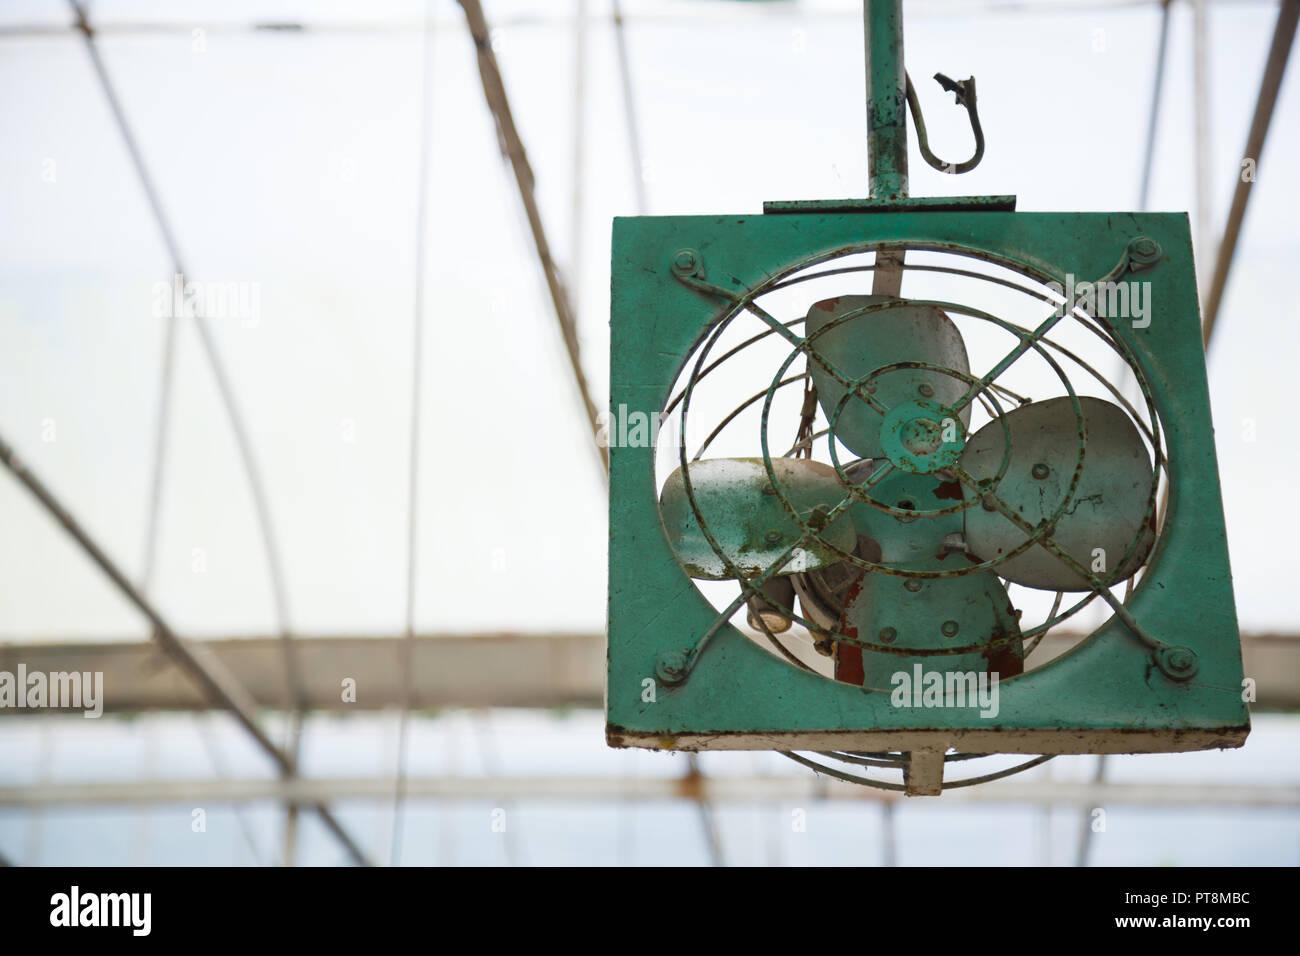 Alten Vintage Retro rustikalen Grün innen Decke mechanische Metal Fan Gebläse für Belüftung, Temperatur kühl Regelung im Gewächshaus, Plantat Stockbild